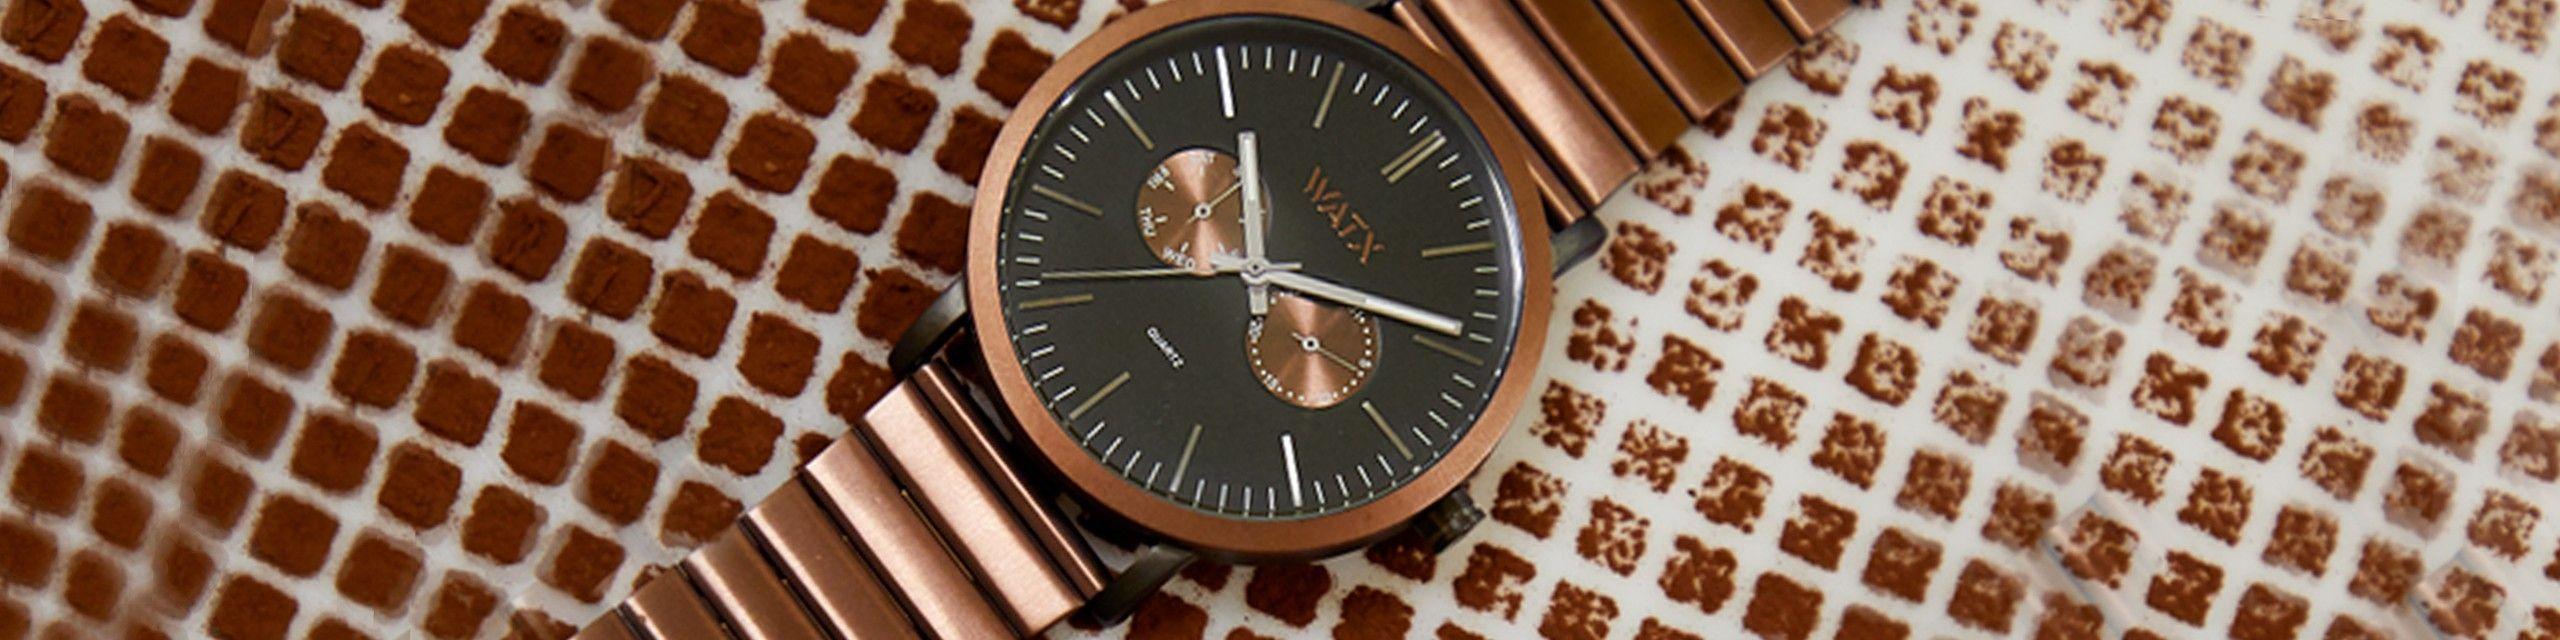 Colecção de relógios em metal, os mais elegantes - Watx Portugal